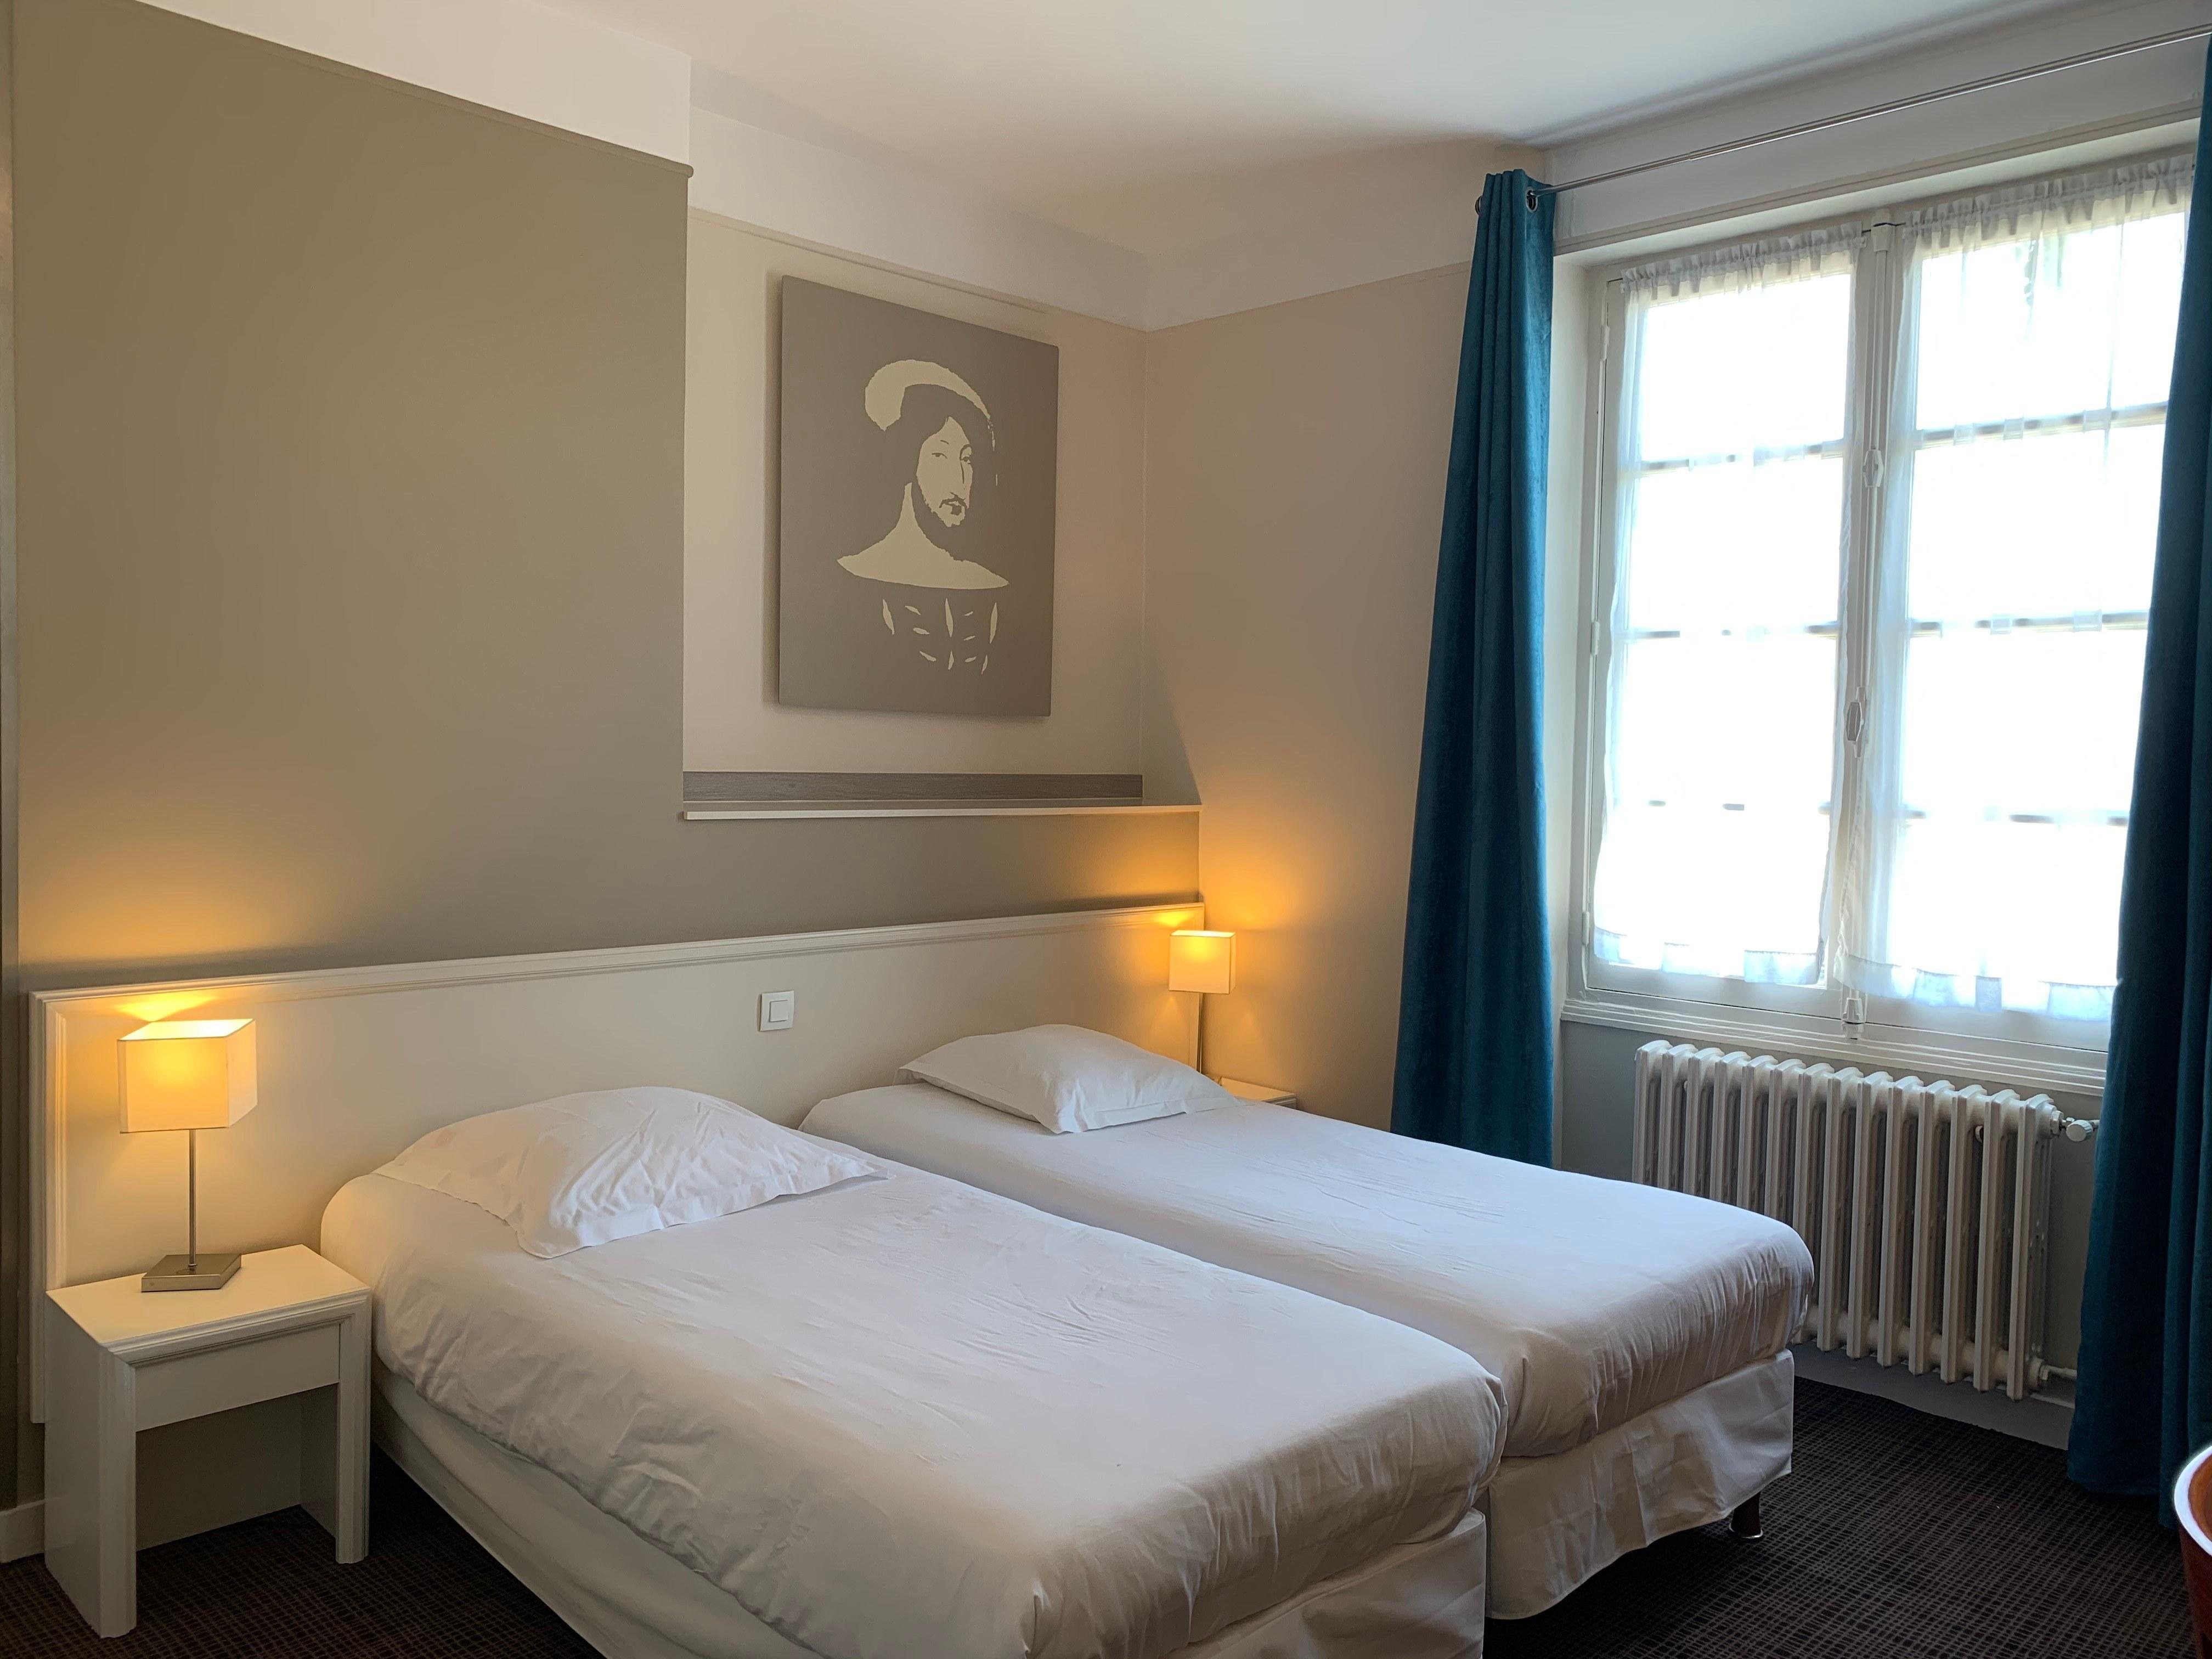 hotel-blois-centre-anne-de-bretagne-cahmbre-à-2-lits-individuels